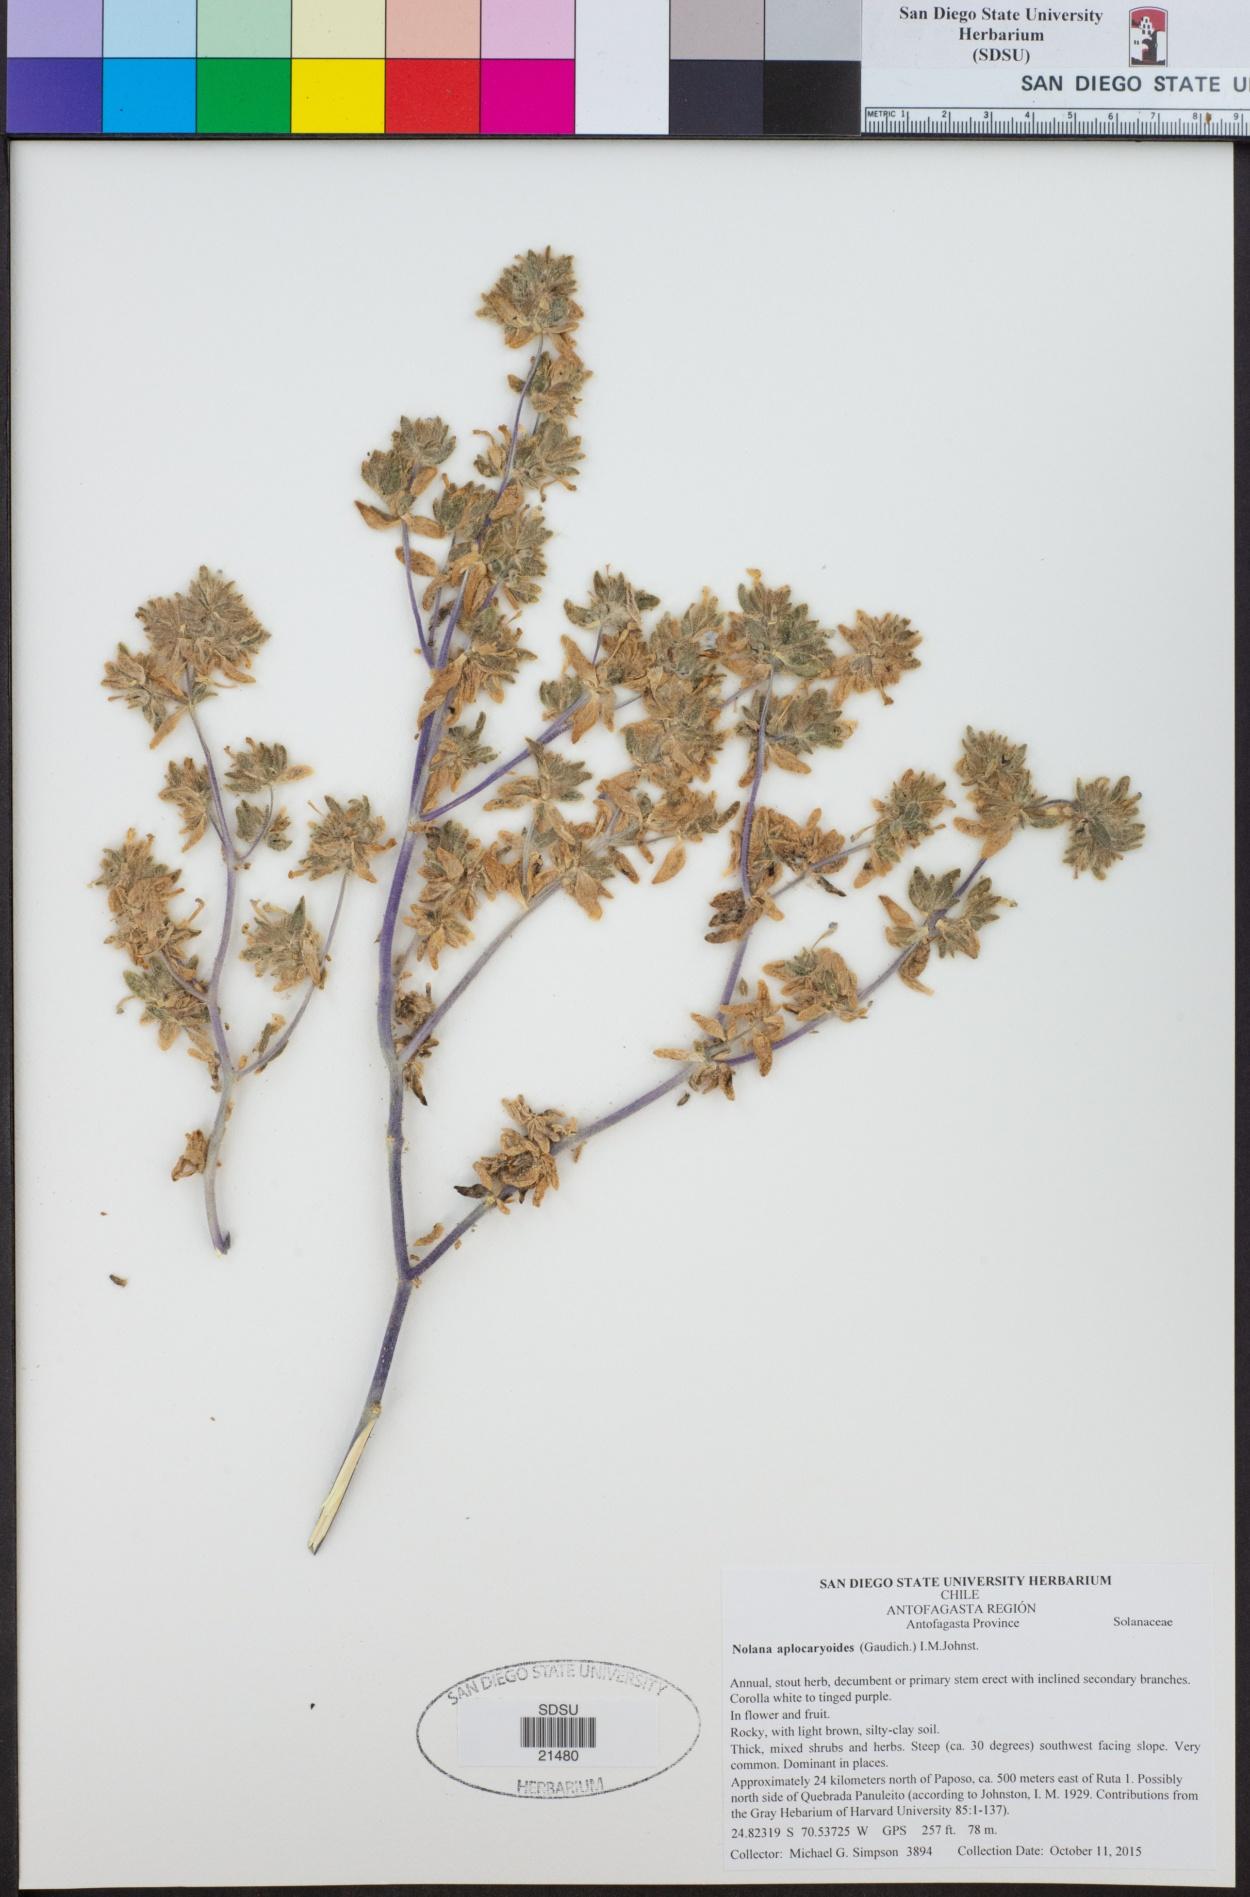 Nolana aplocaryoides image